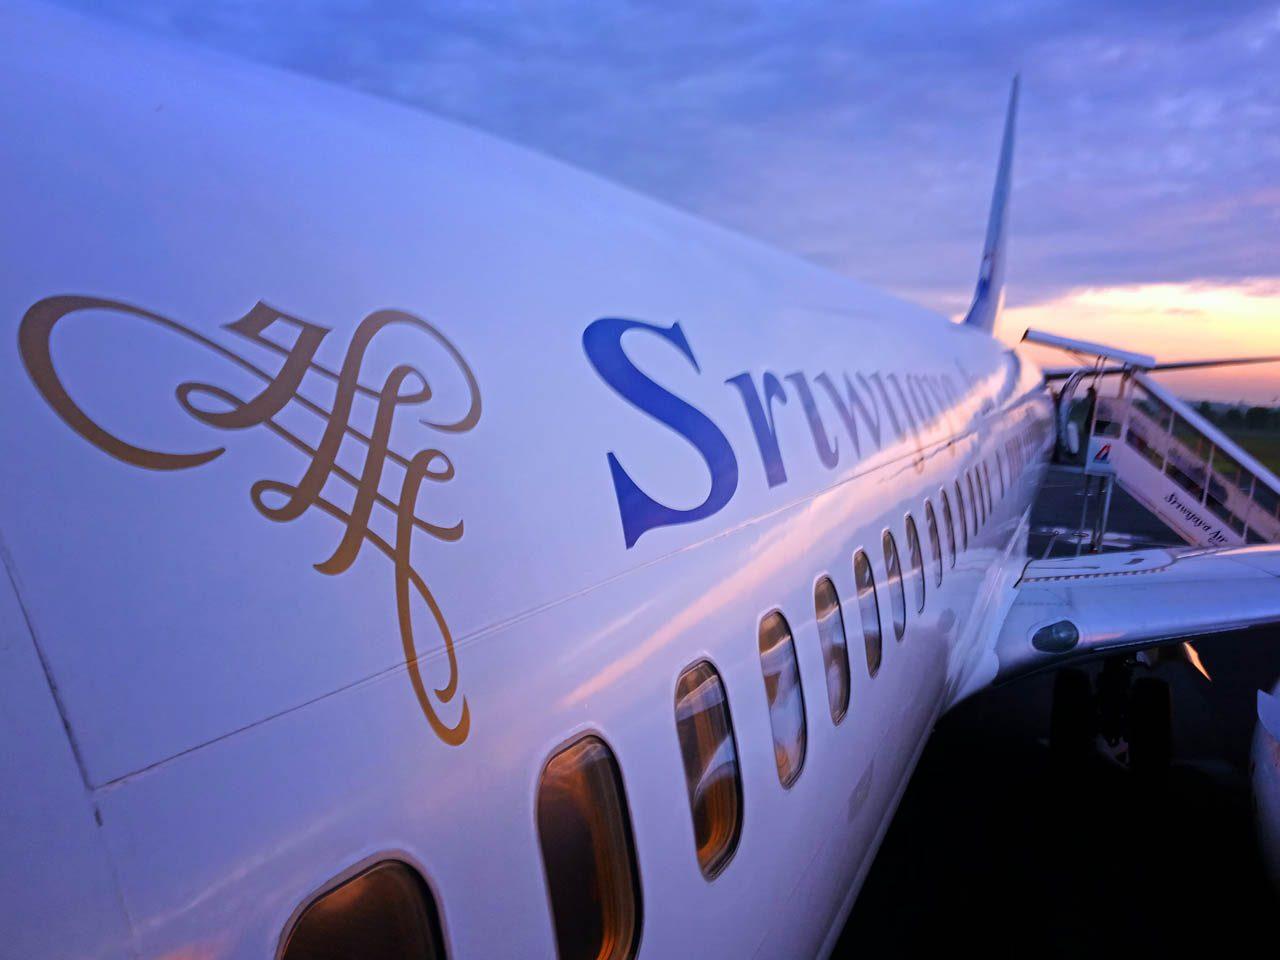 Pesawat Sriwijaya Air - boeing 737 - Yopie Pangkey - yopiefranz